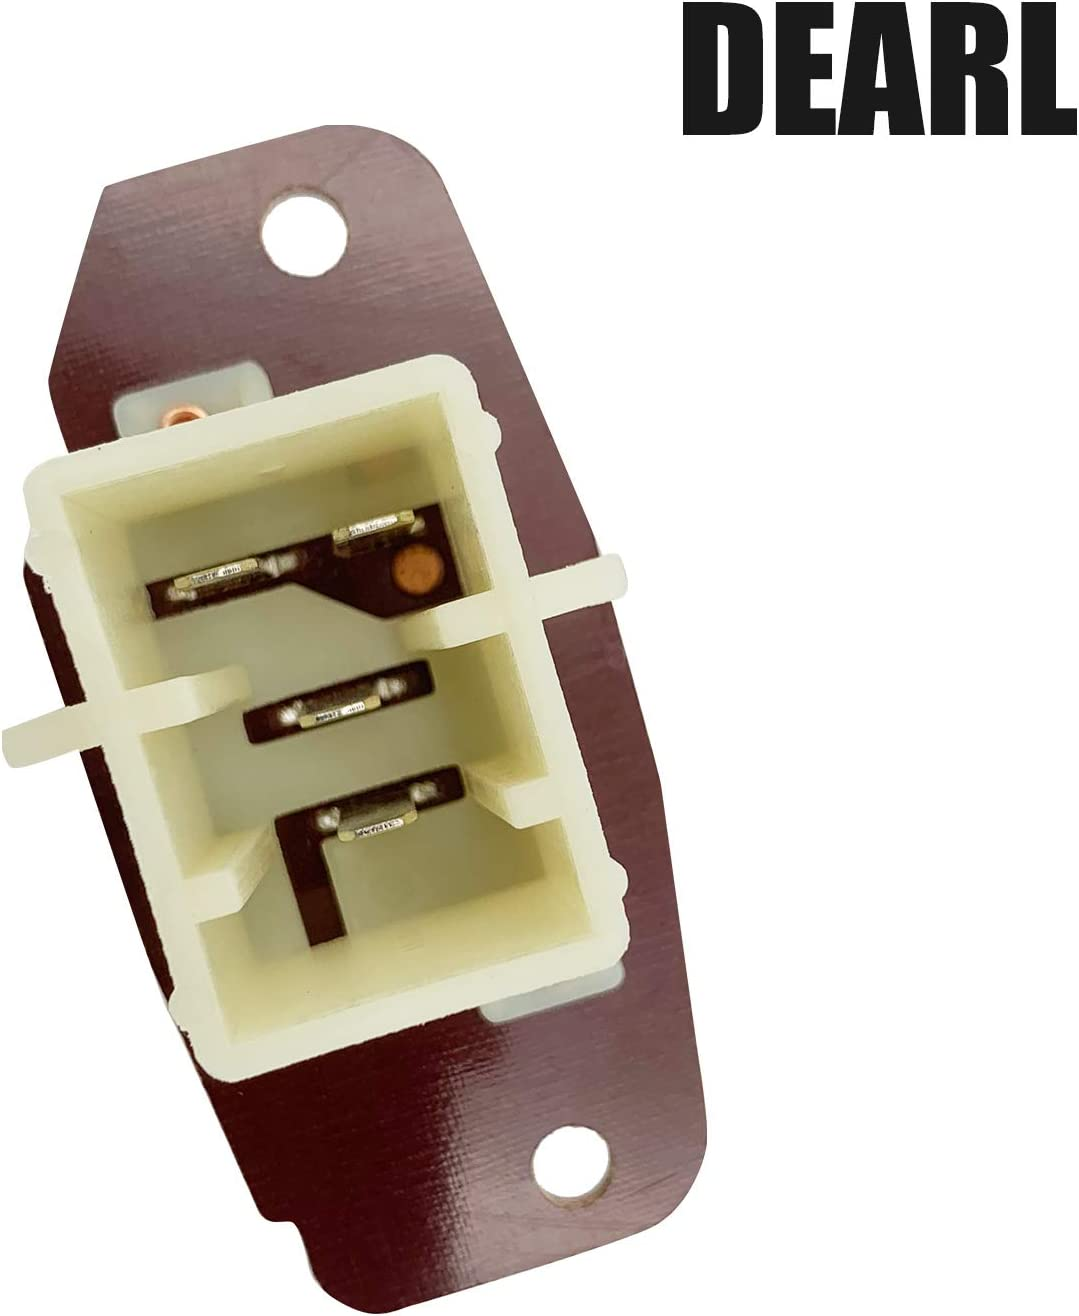 87-97 F-150 F-250 F-350 F150 F250 F350 JA1176 Front HVAC Blower Motor Resistor 4 Terminal compatible with 03-14 E-150 E-250 E150 E250 01-05 Excursion 01-14 E-350 E350 Super Duty